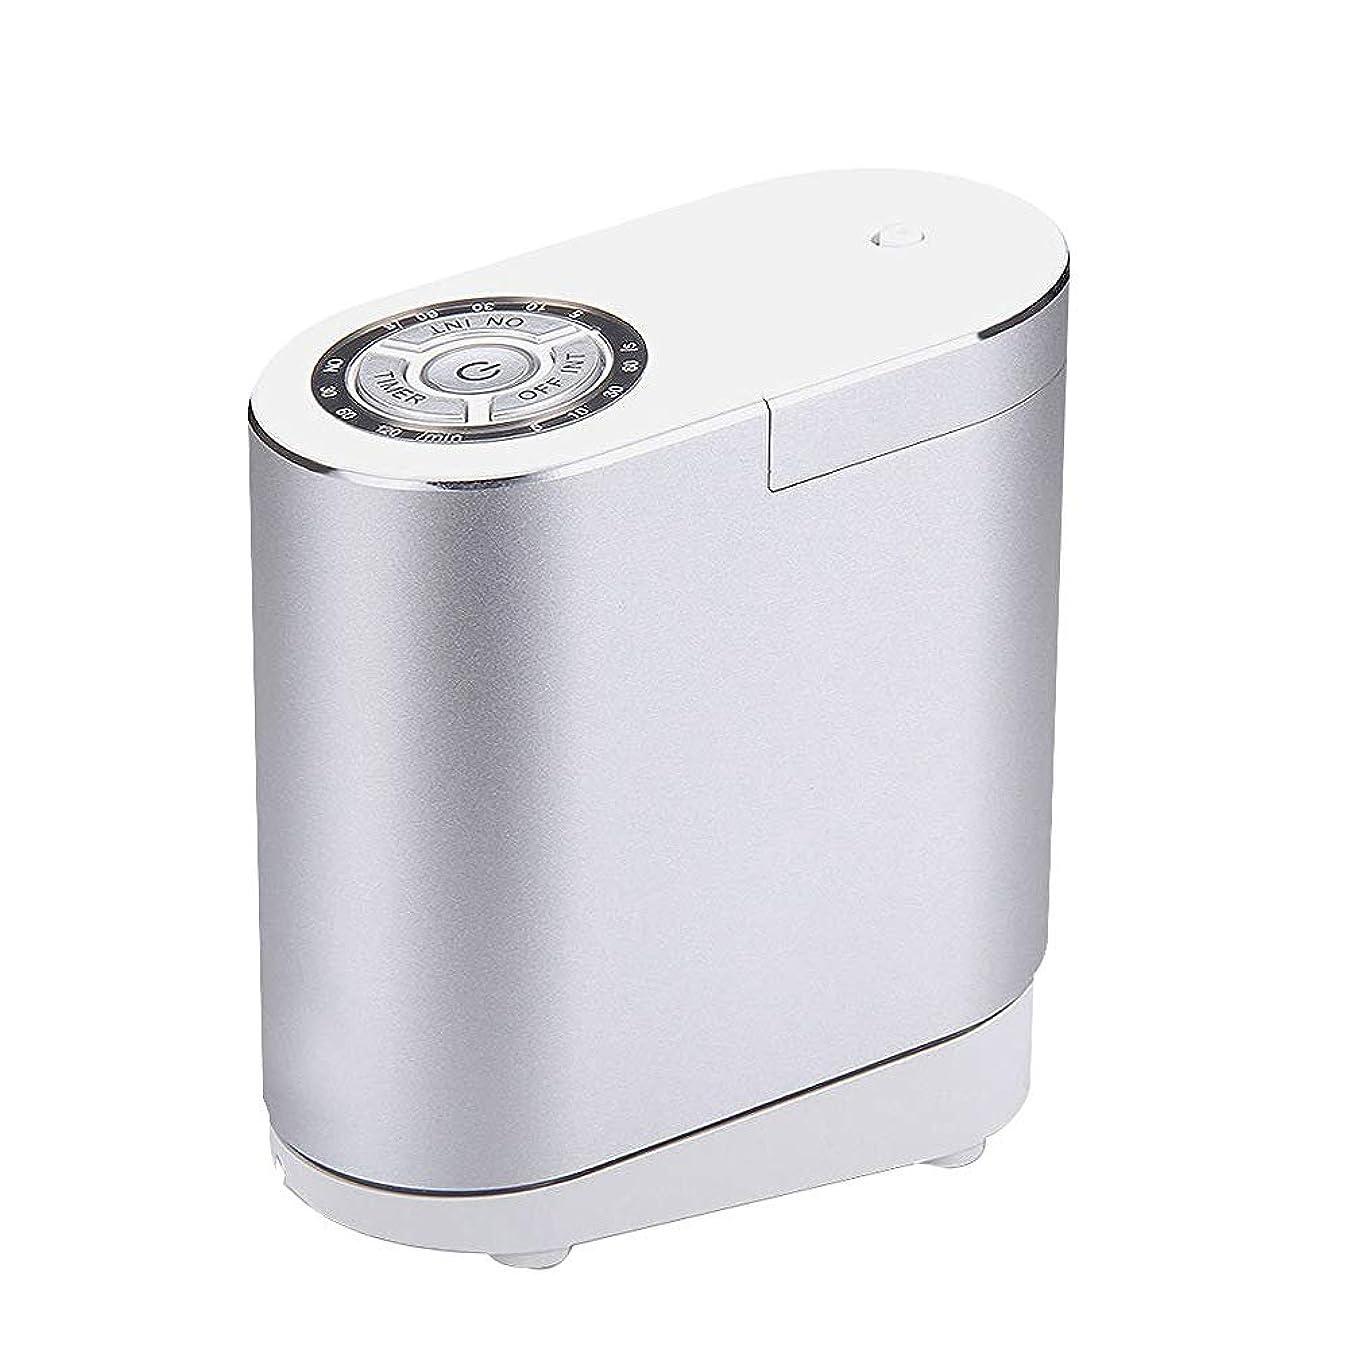 とまり木地中海手数料精油の拡散器、総本店の寝室部屋のための携帯用超音波拡散器の涼しい霧の加湿器,silver30ML